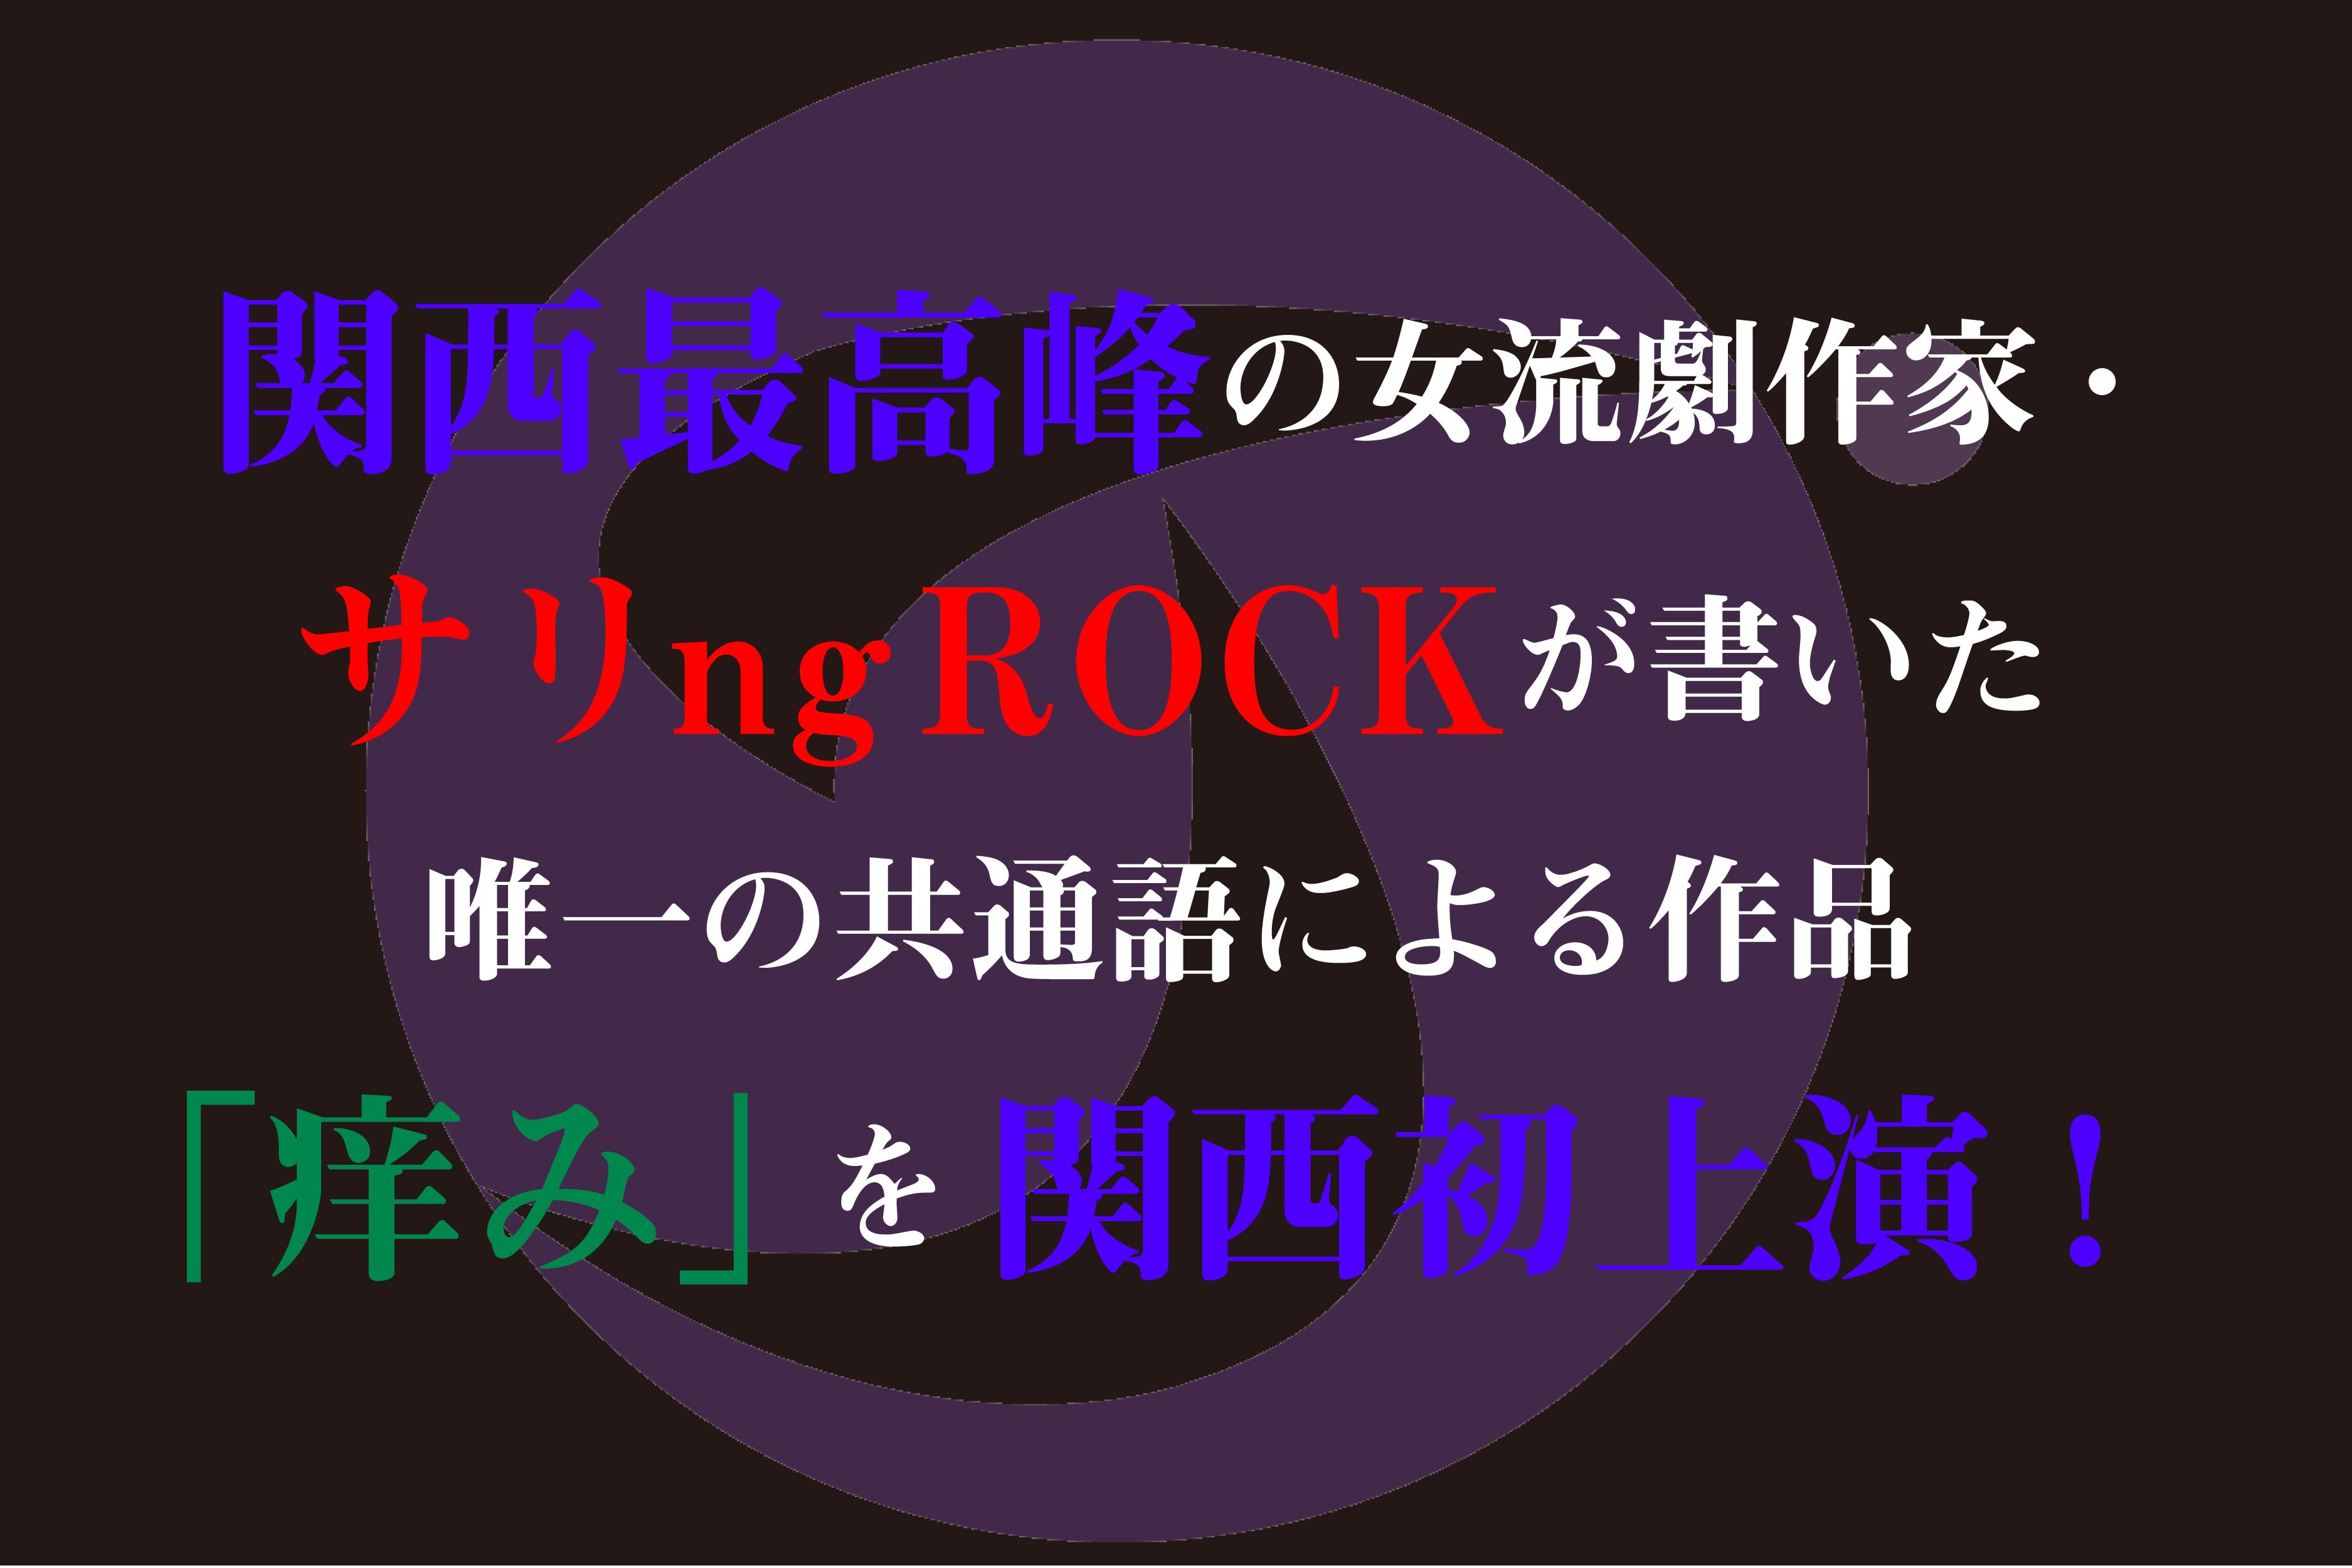 【大阪舞台】関西最高峰の女流劇作家・サリngROCKが書いた 唯一の共通語による作品「痒み」を関西初上演!